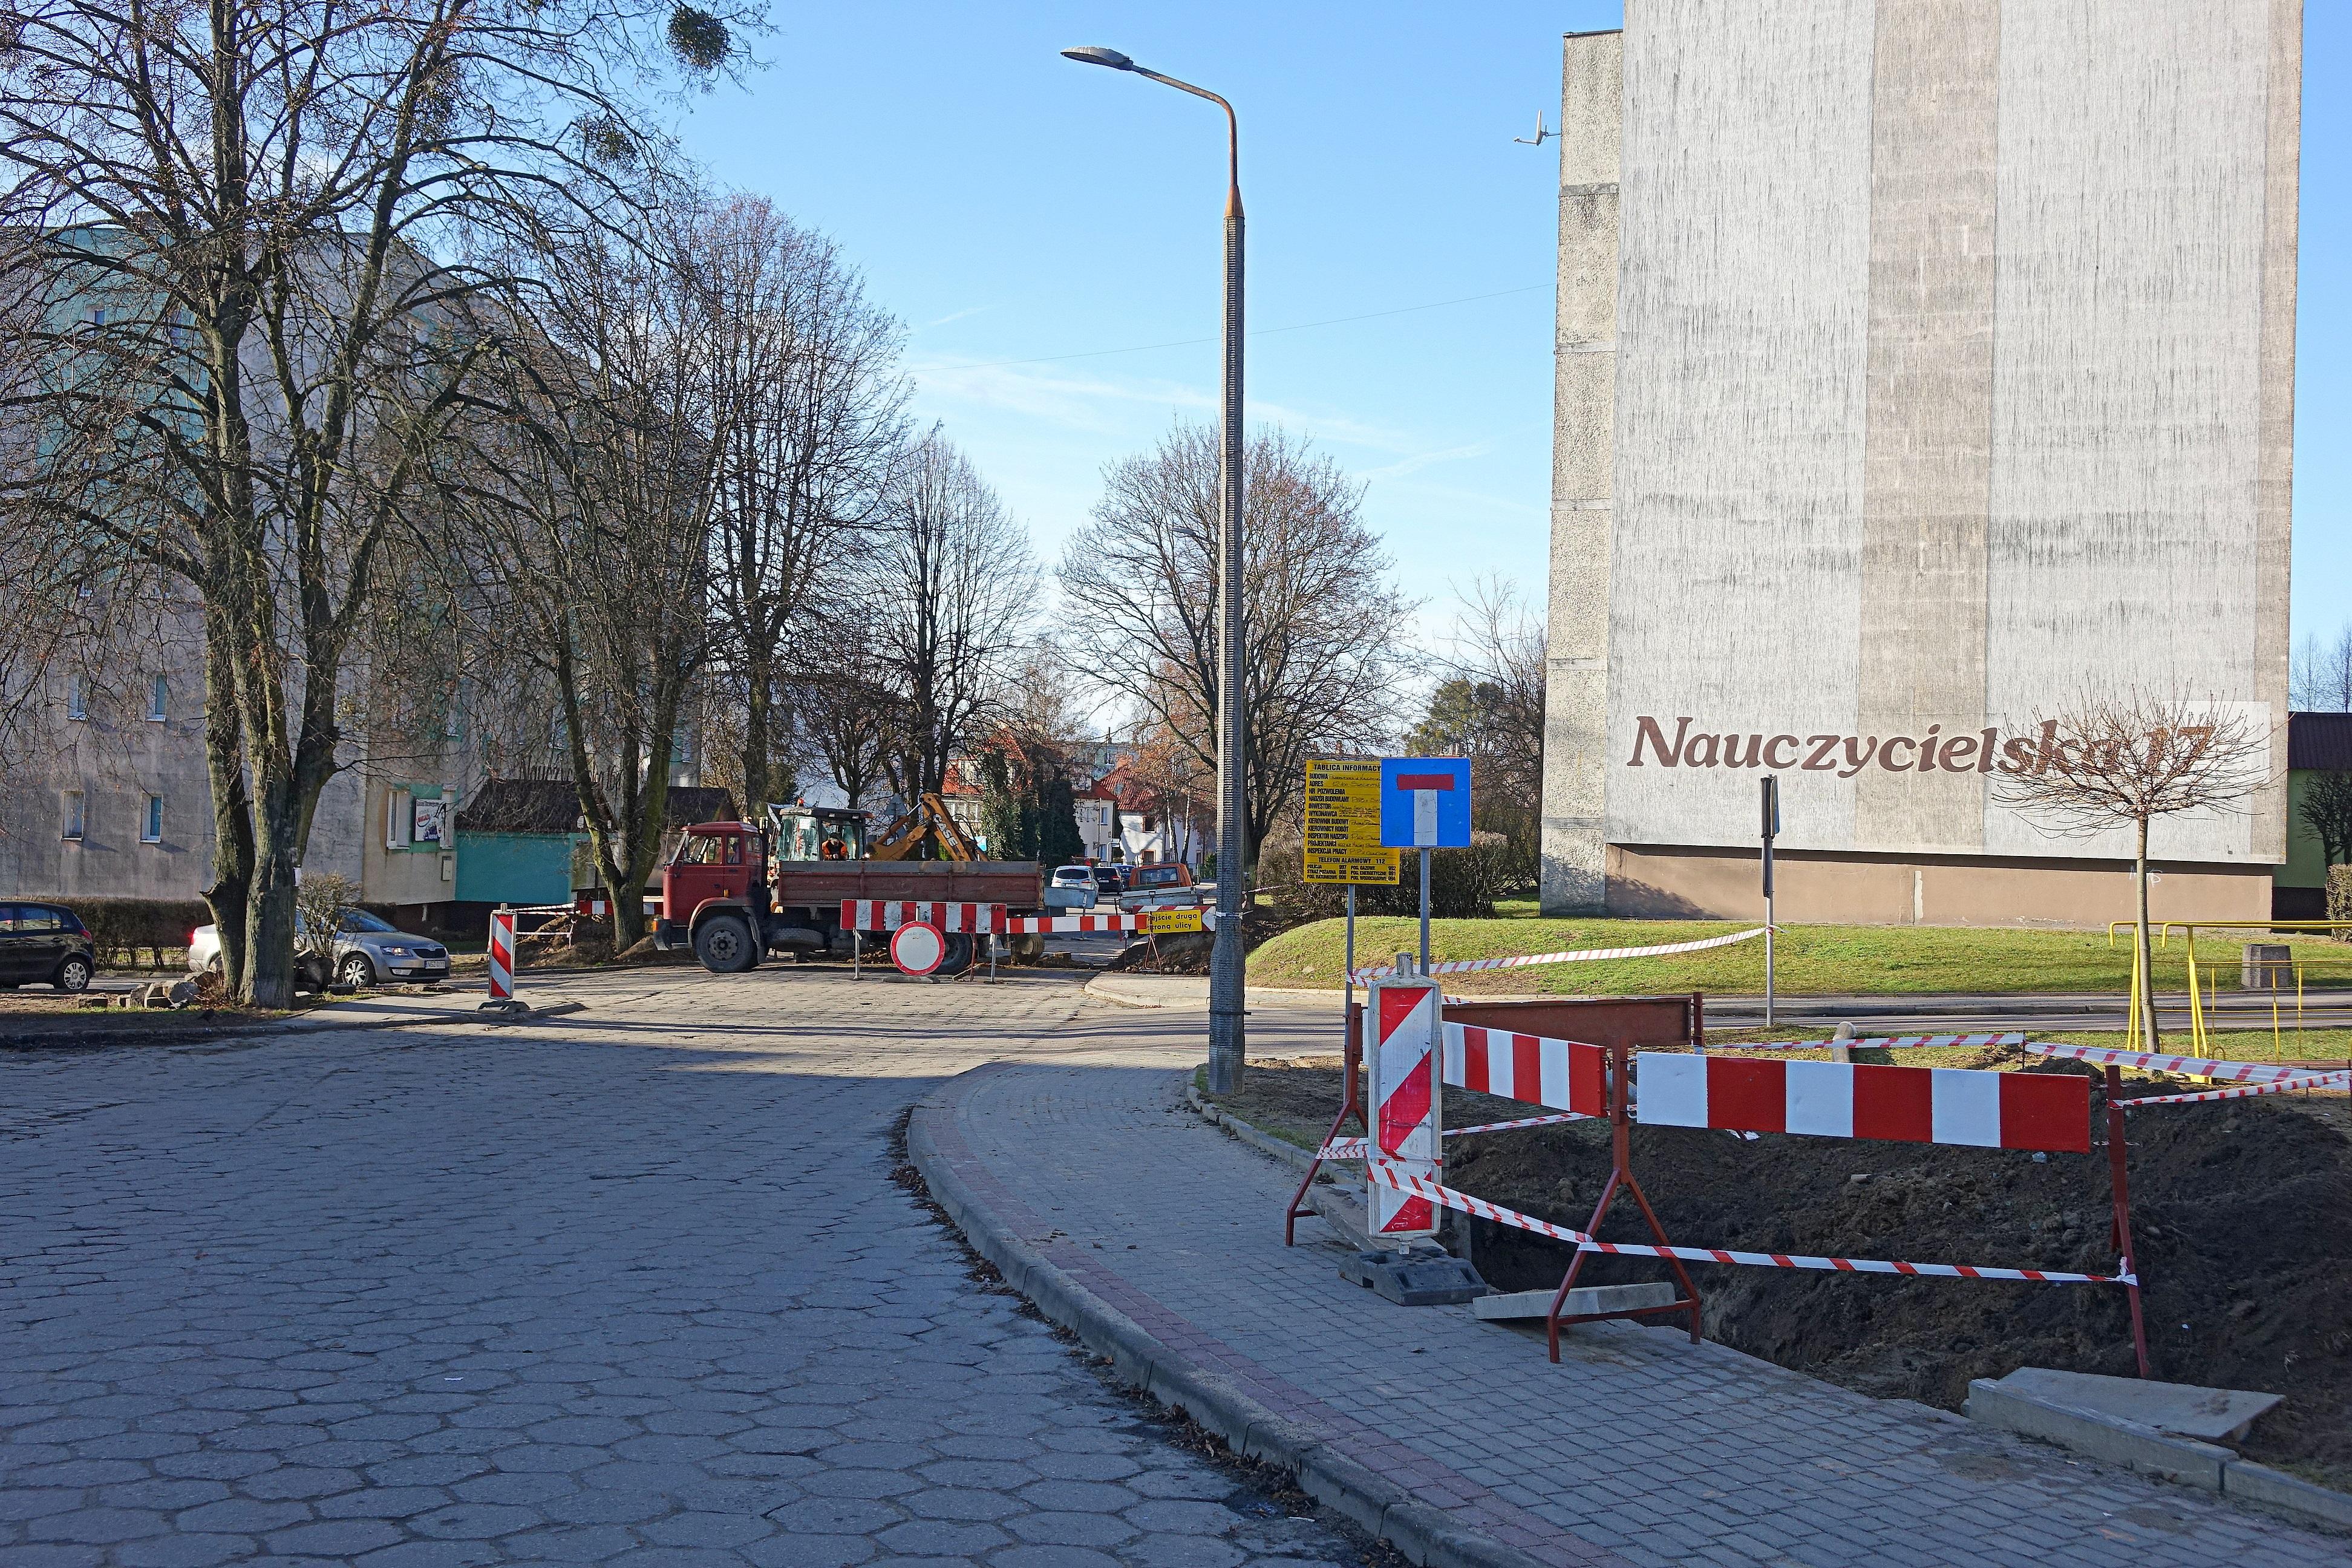 https://m.powiatszczycienski.pl/2020/01/orig/1wt-small-27540.jpg